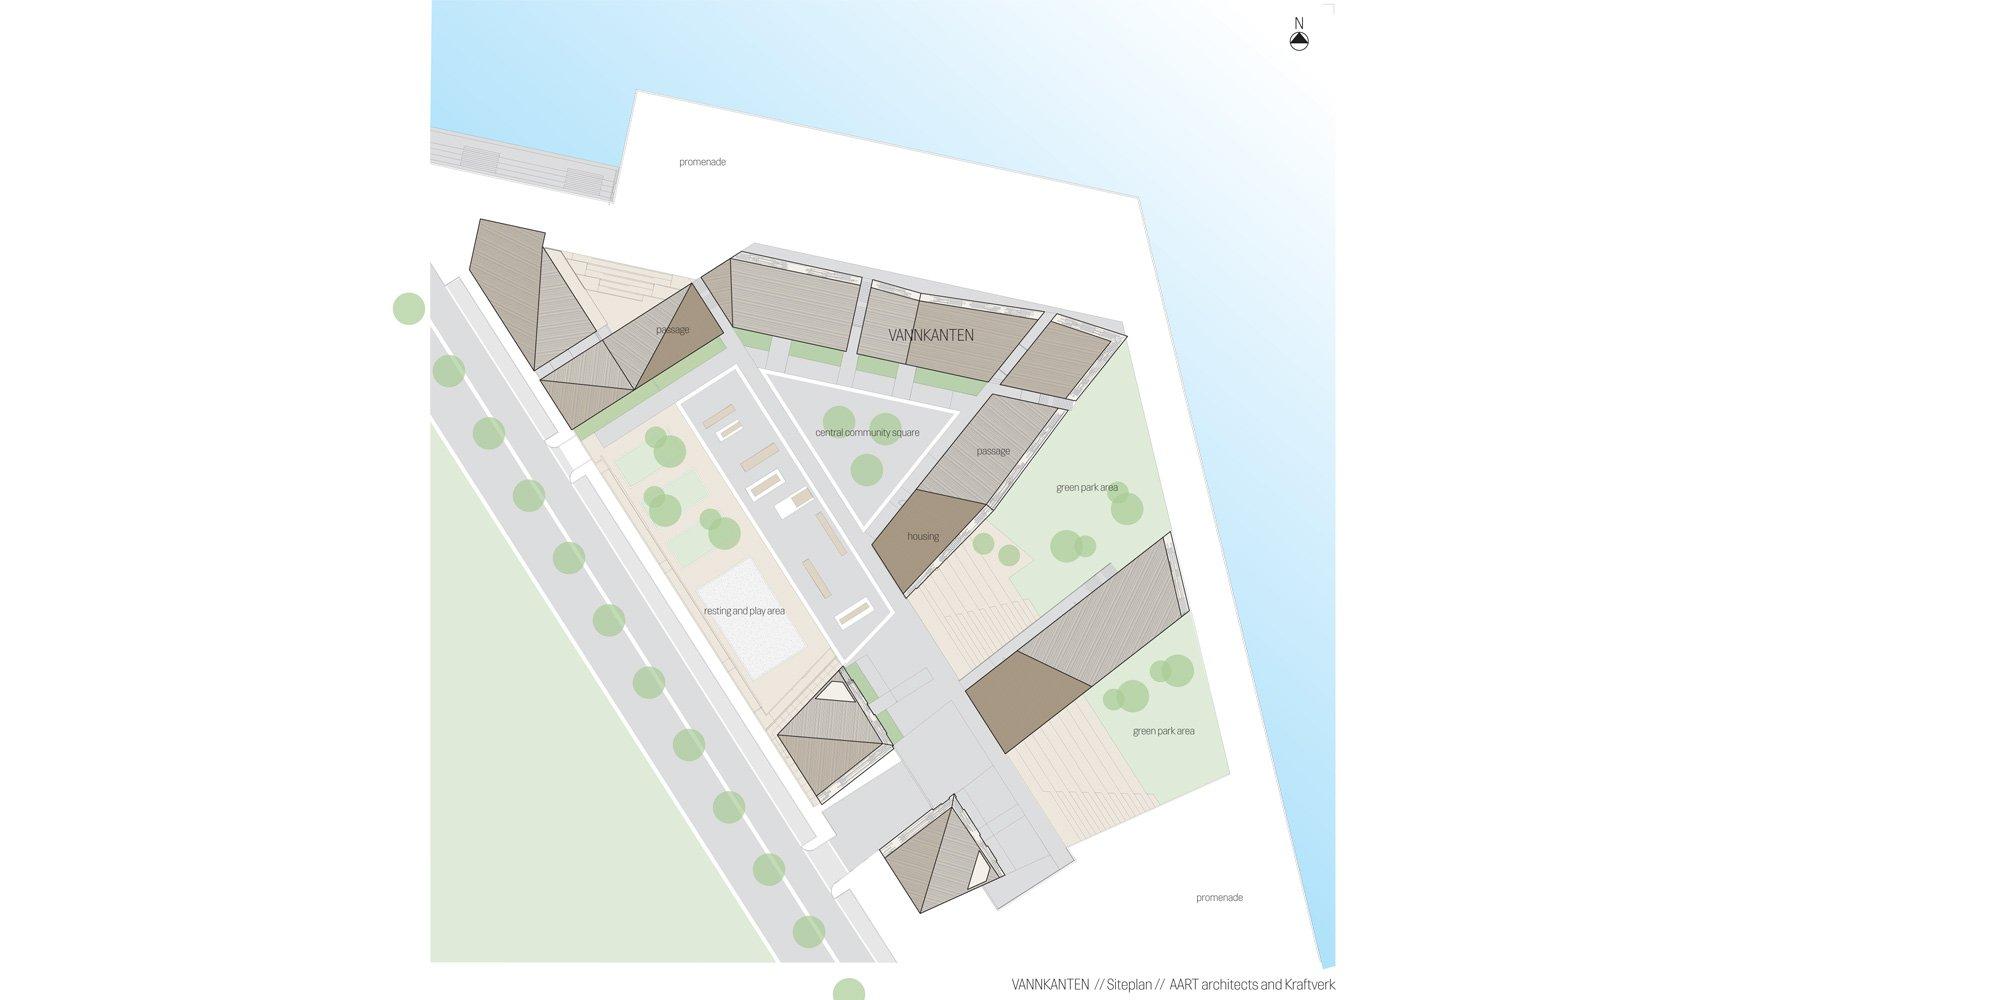 Planimetria © AART architects